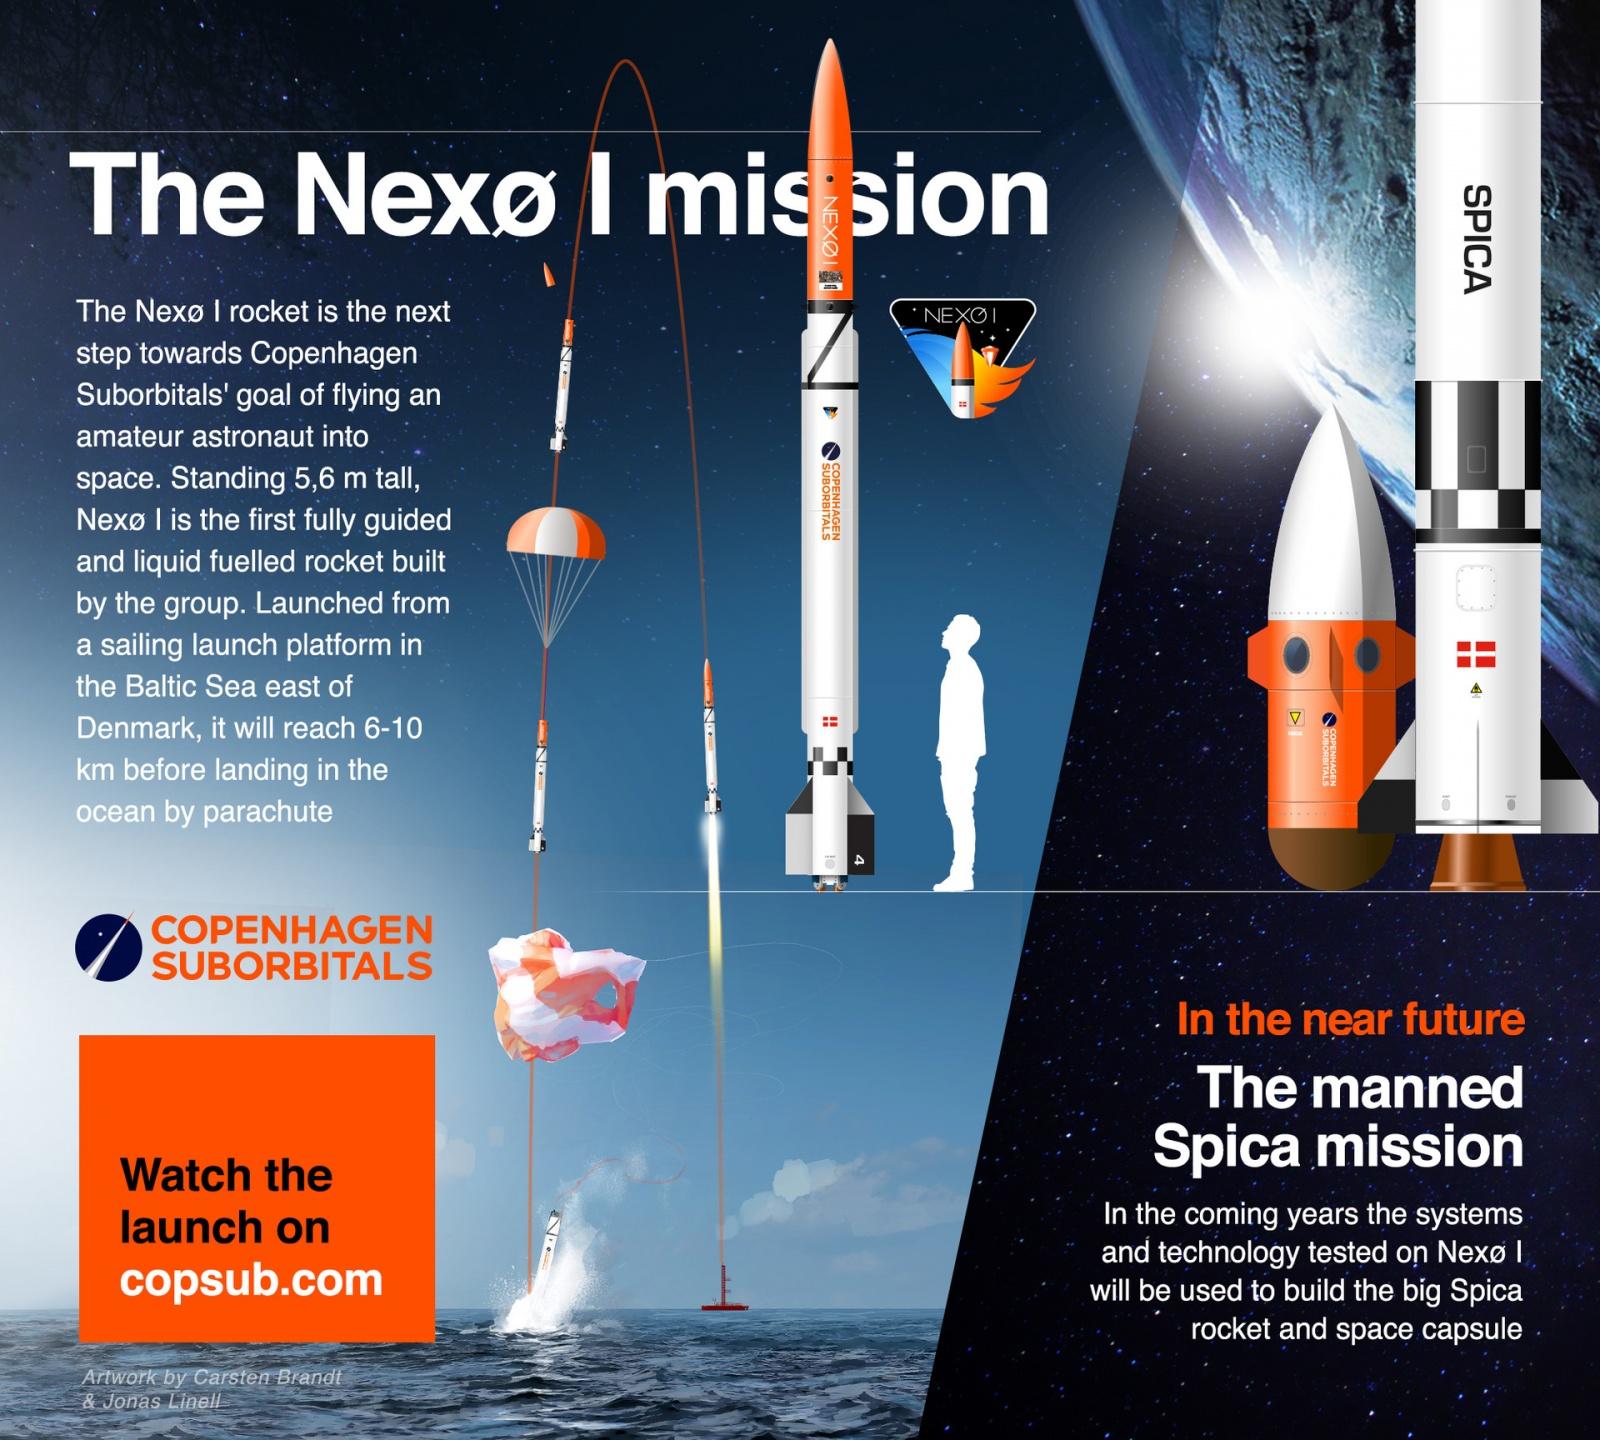 [Обновлено] Copenhagen Suborbitals сегодня запустила очередную суборбитальную ракету - 6